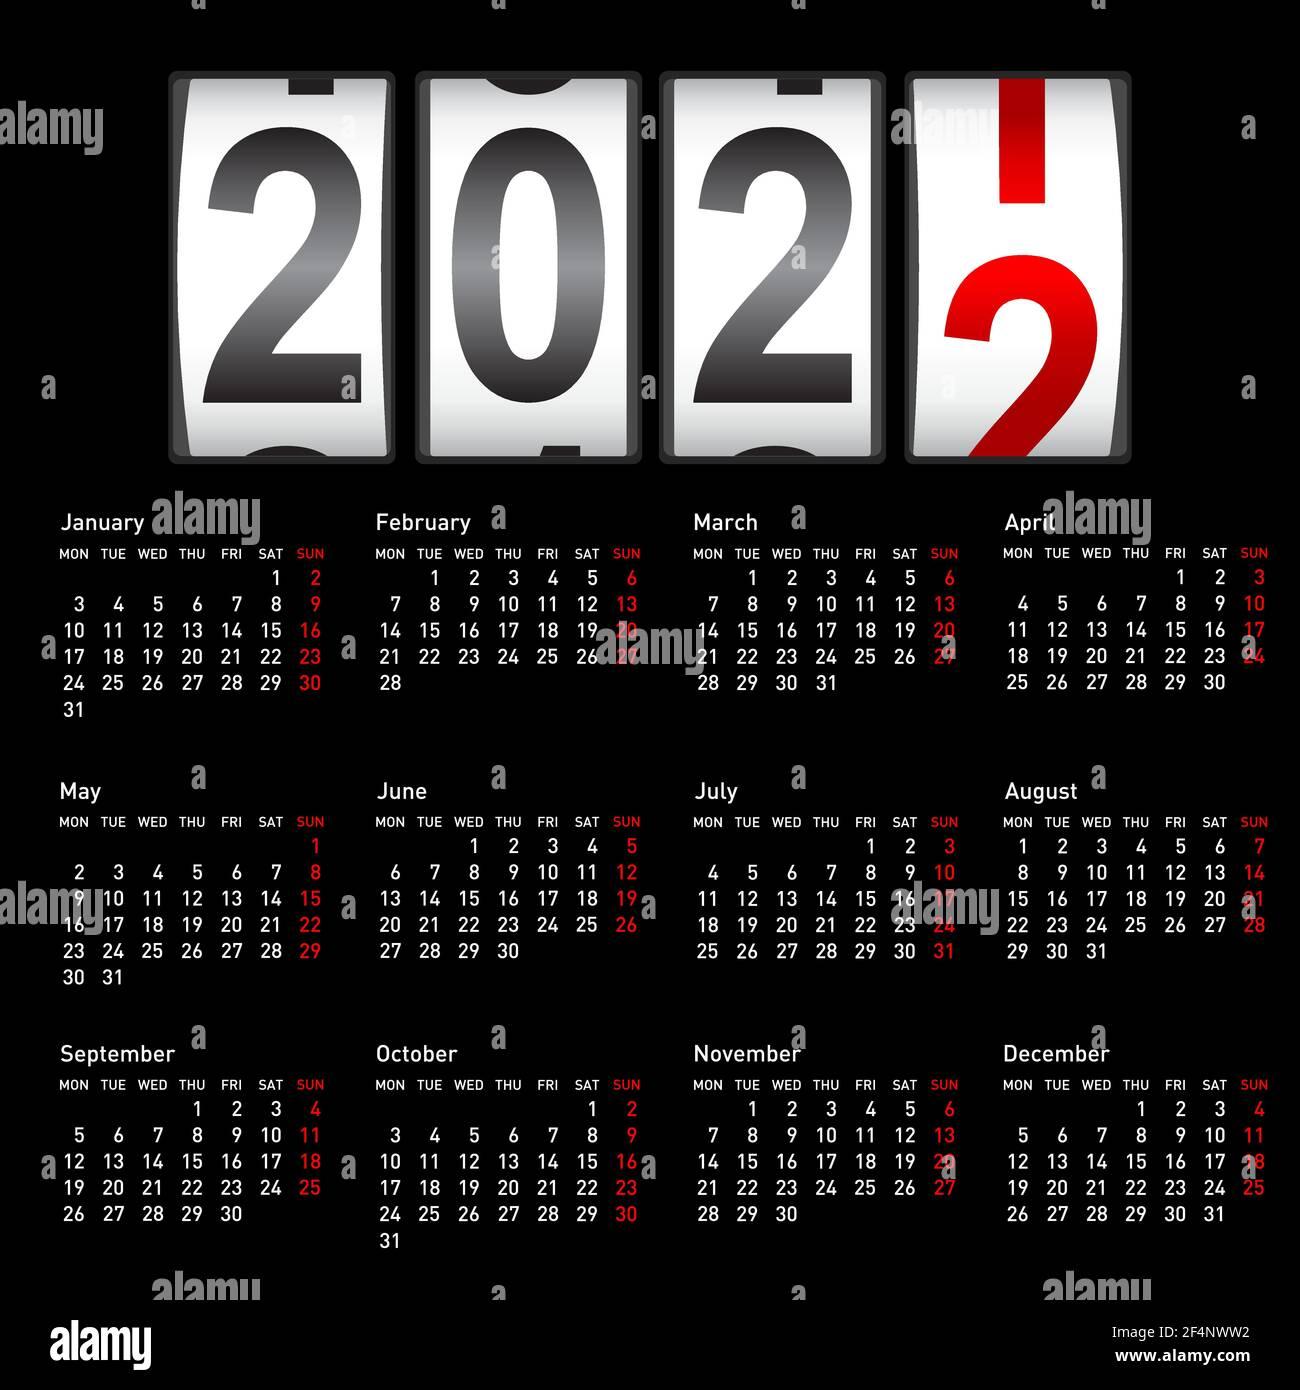 Calendrier 2022 à Modifier 2022 compteur du nouvel an, modifier l'illustration du calendrier